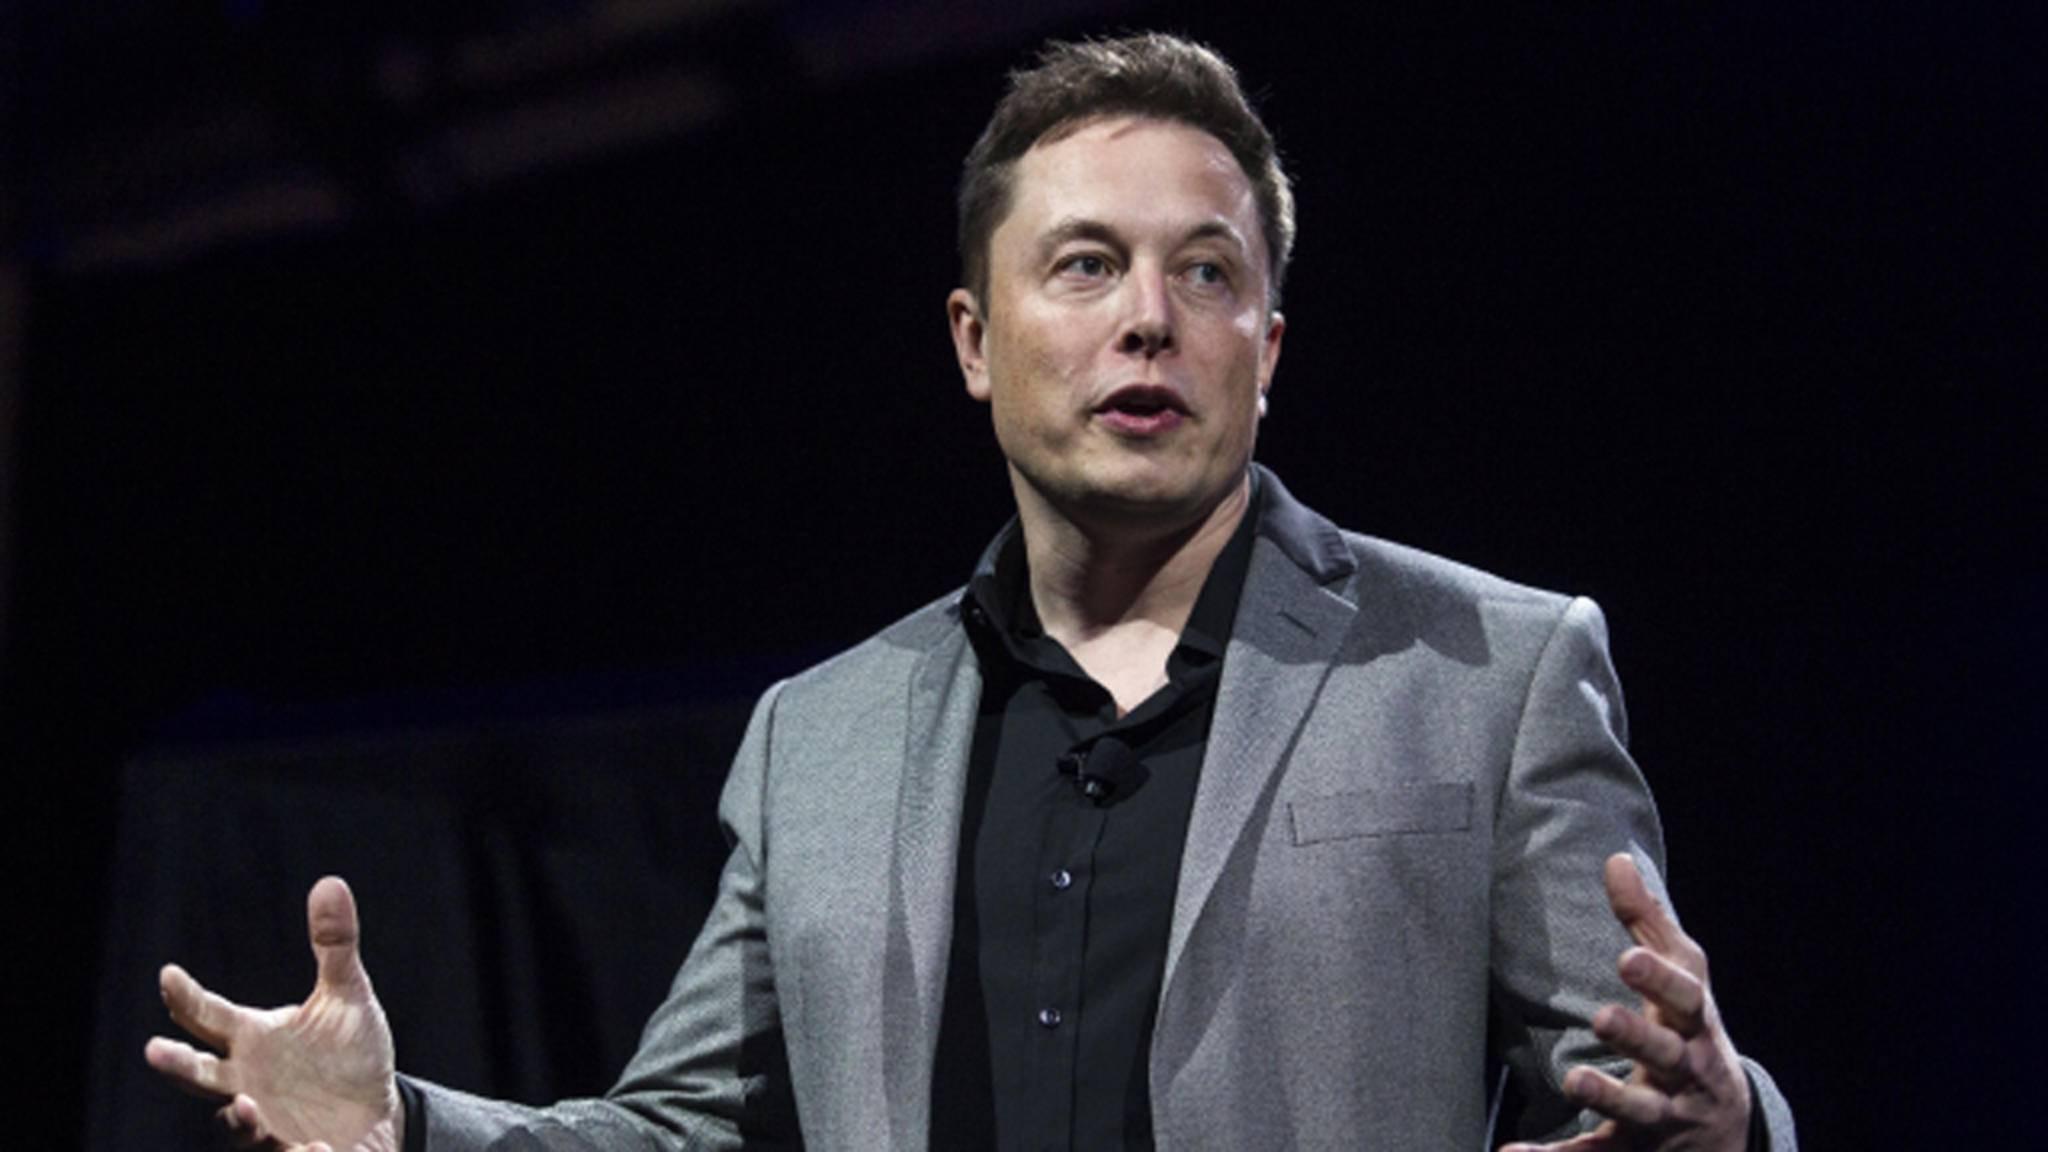 Elon Musk trifft nun die Entscheidung, ob Bewerber bei Tesla anfangen dürfen.